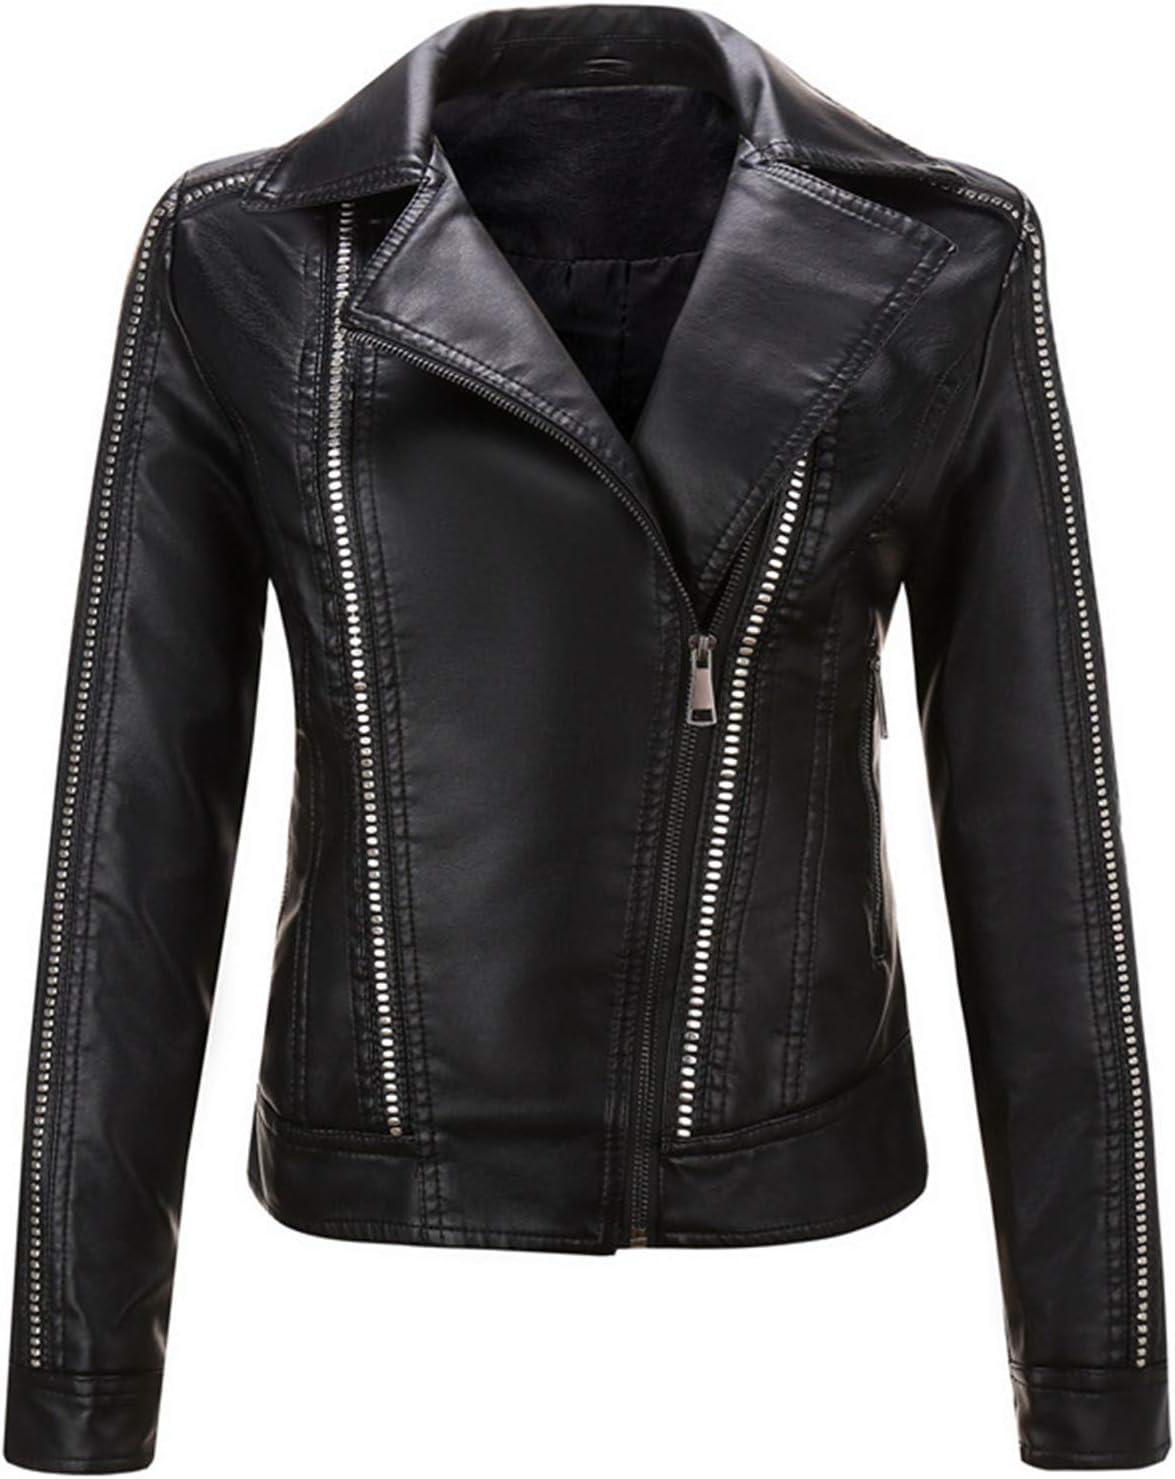 EverNight Women's Biker Jacket,Asymmetric Zip Slim Faux Leather Outwear,Vintage Cropped Moto Jacket,Black,XXL